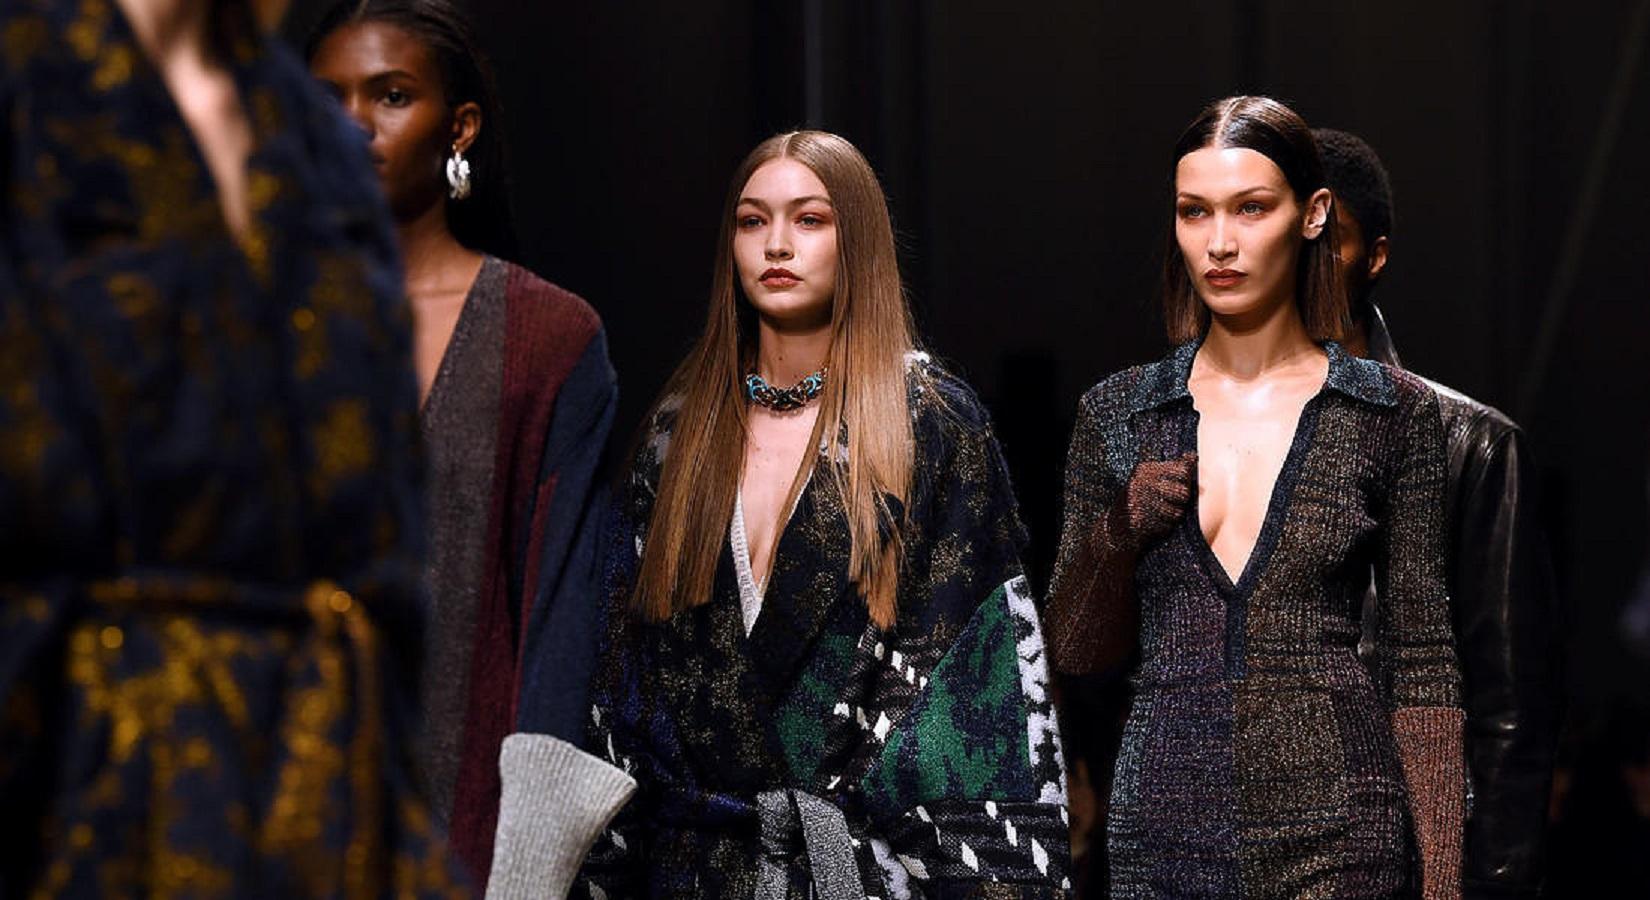 Settore moda e lusso: nel 2020 perderà tra i 60 e i 70 miliardi